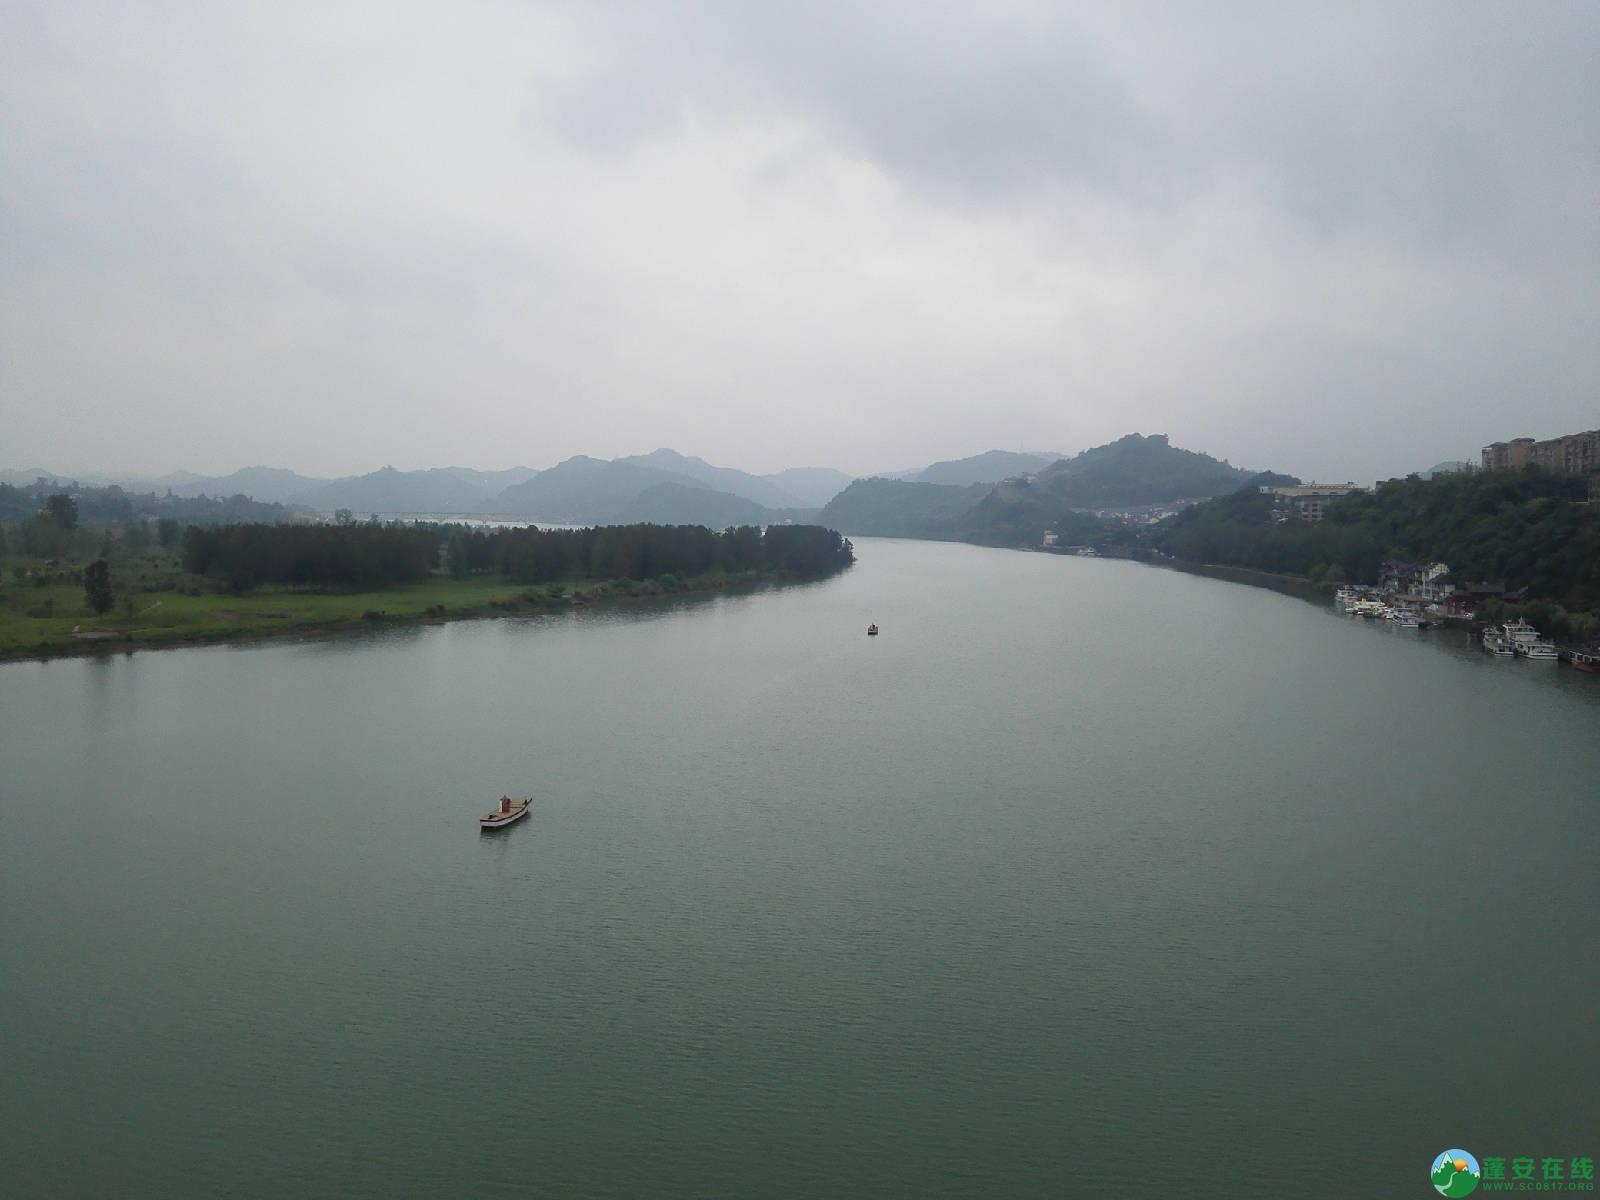 蓬安山水之城 - 第4张  | 蓬安在线